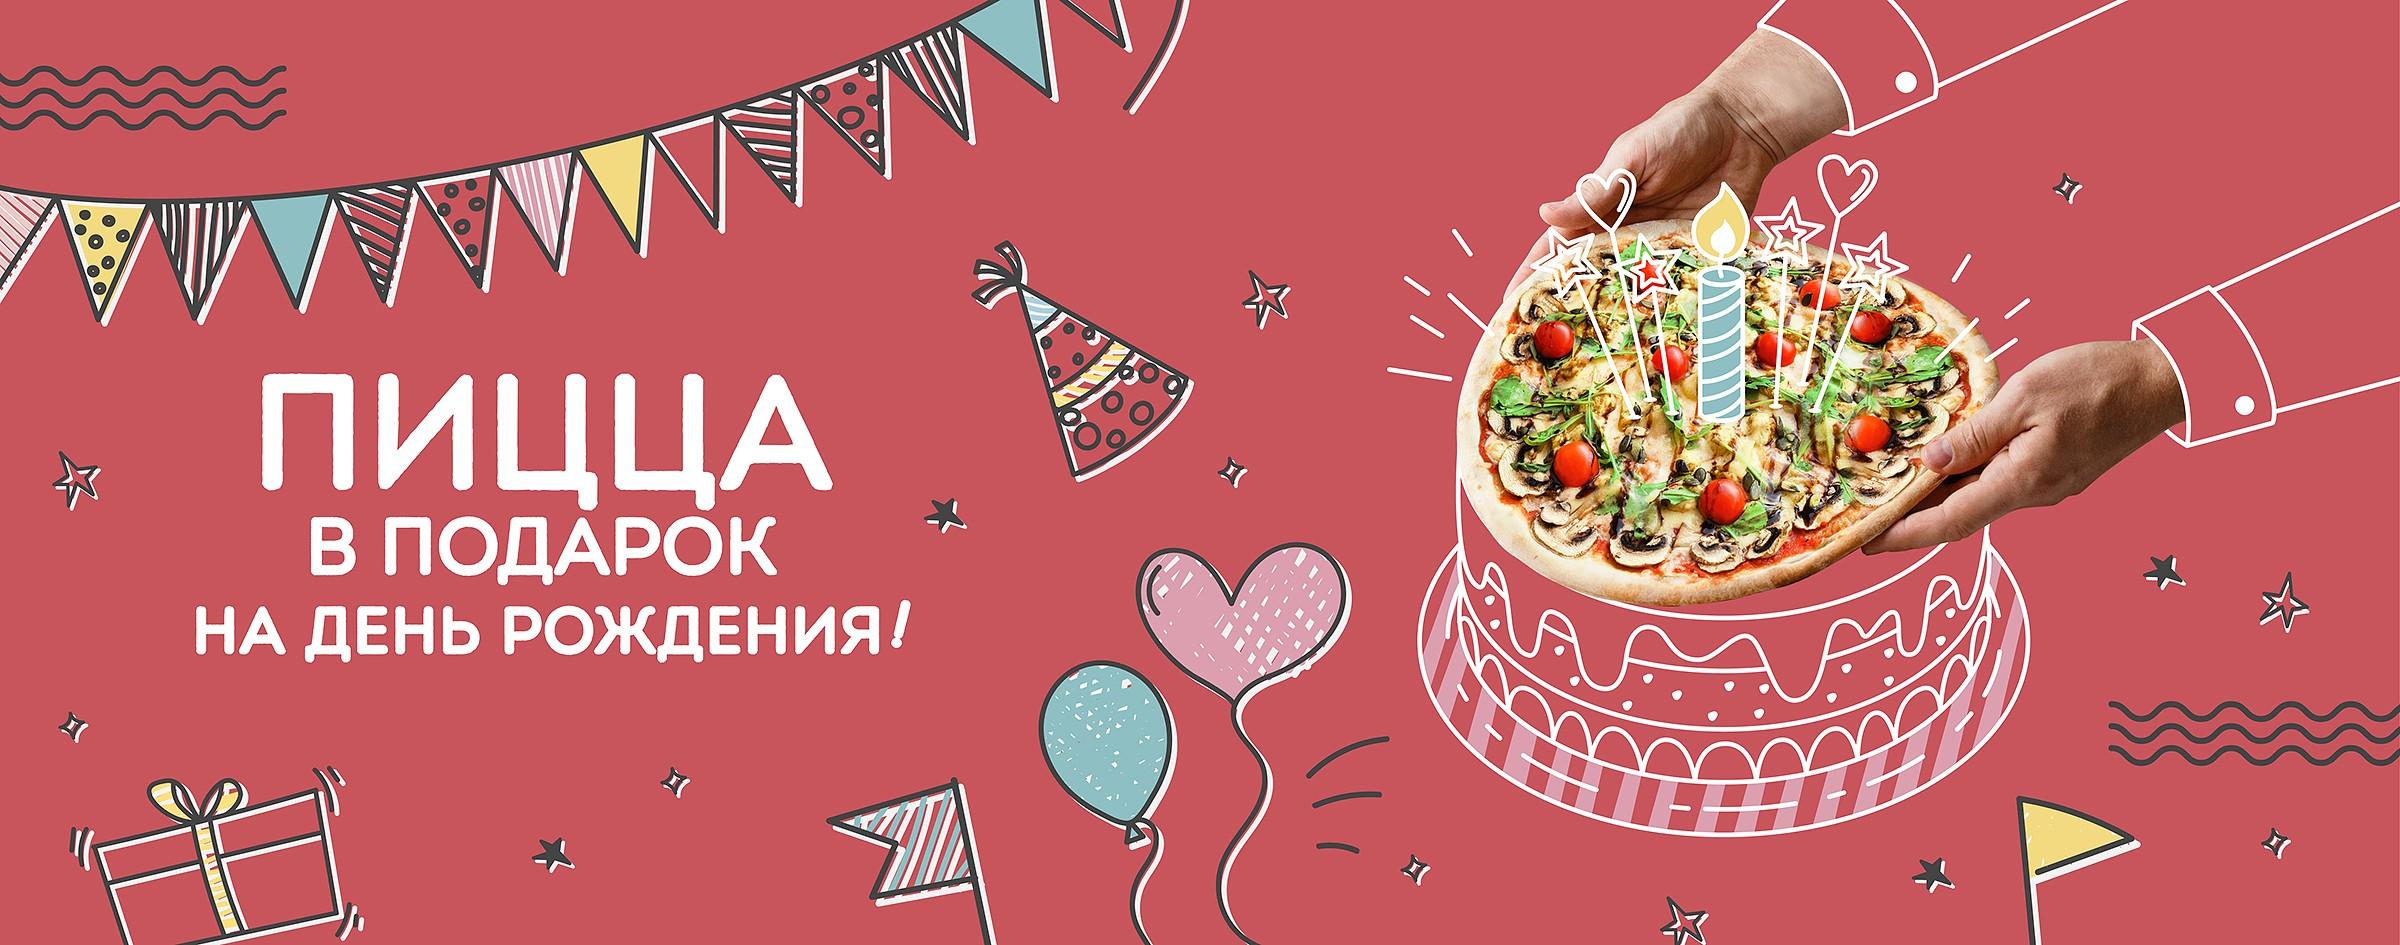 Пицца в подарок на день рождения